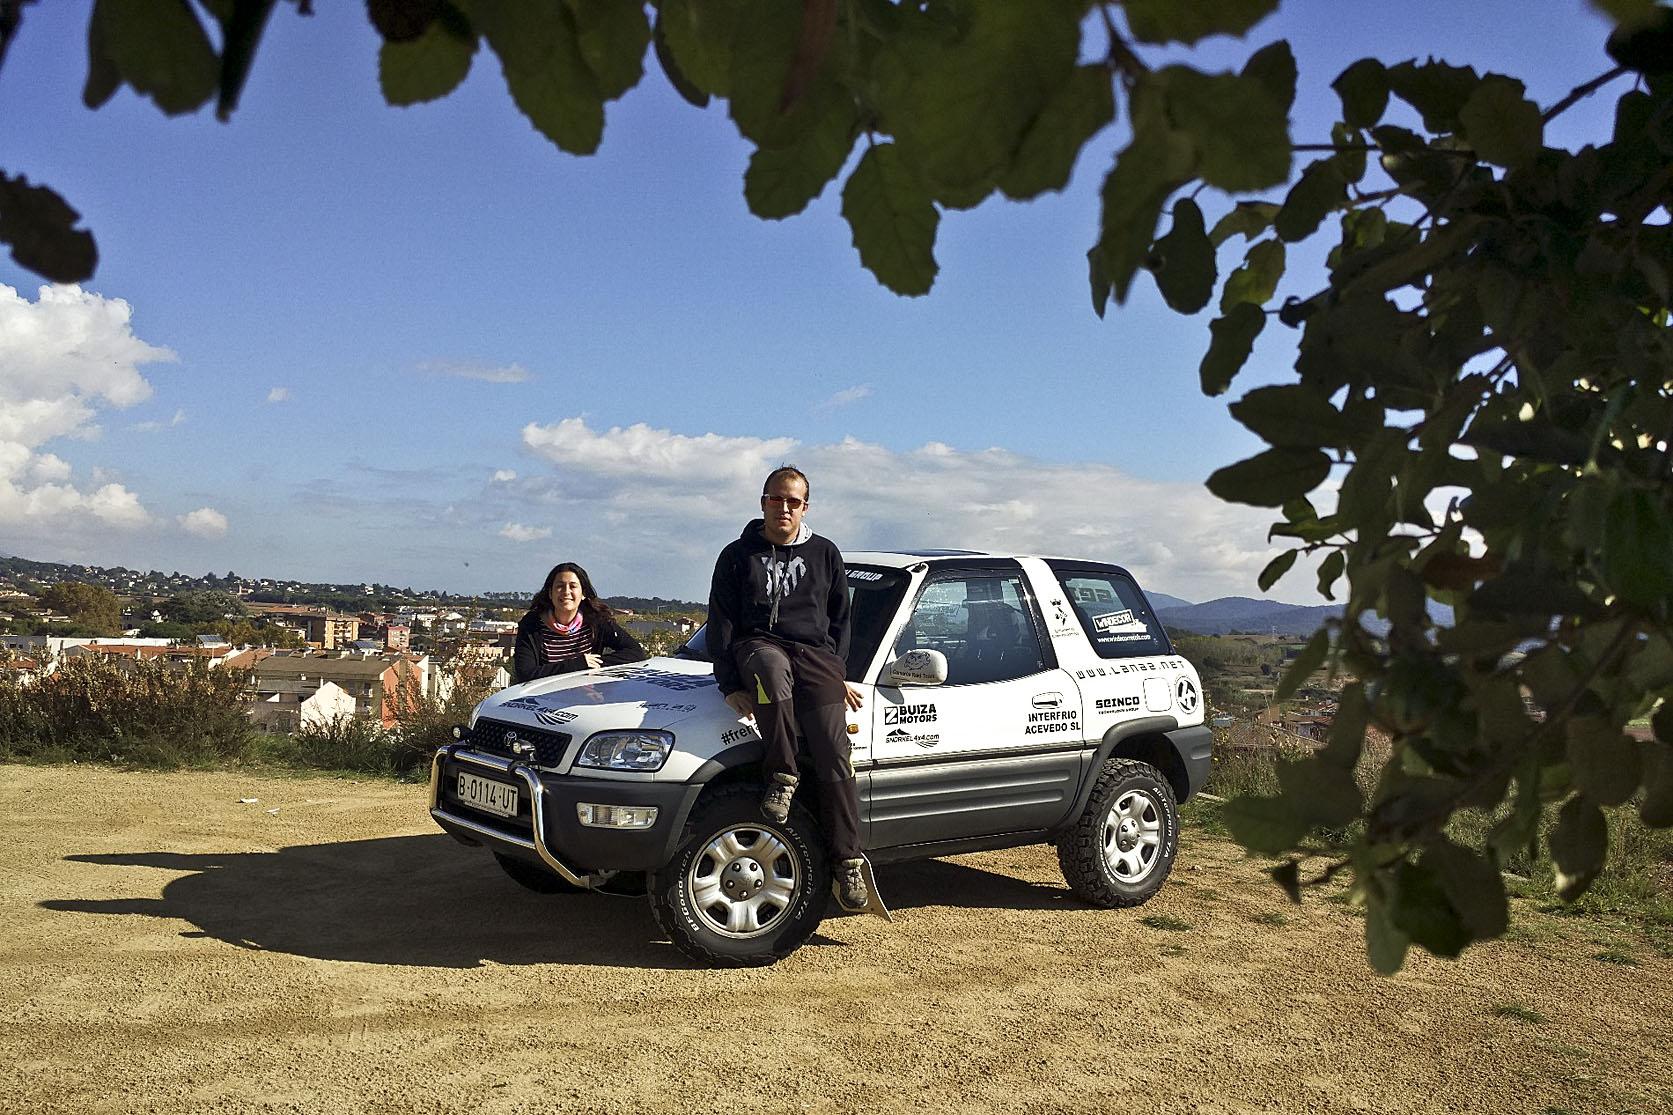 Dídac Soto i la copilot Irene Acevedo, que debutarà en un raid, amb el Toyota Rav4 amb què prendran part a la prova